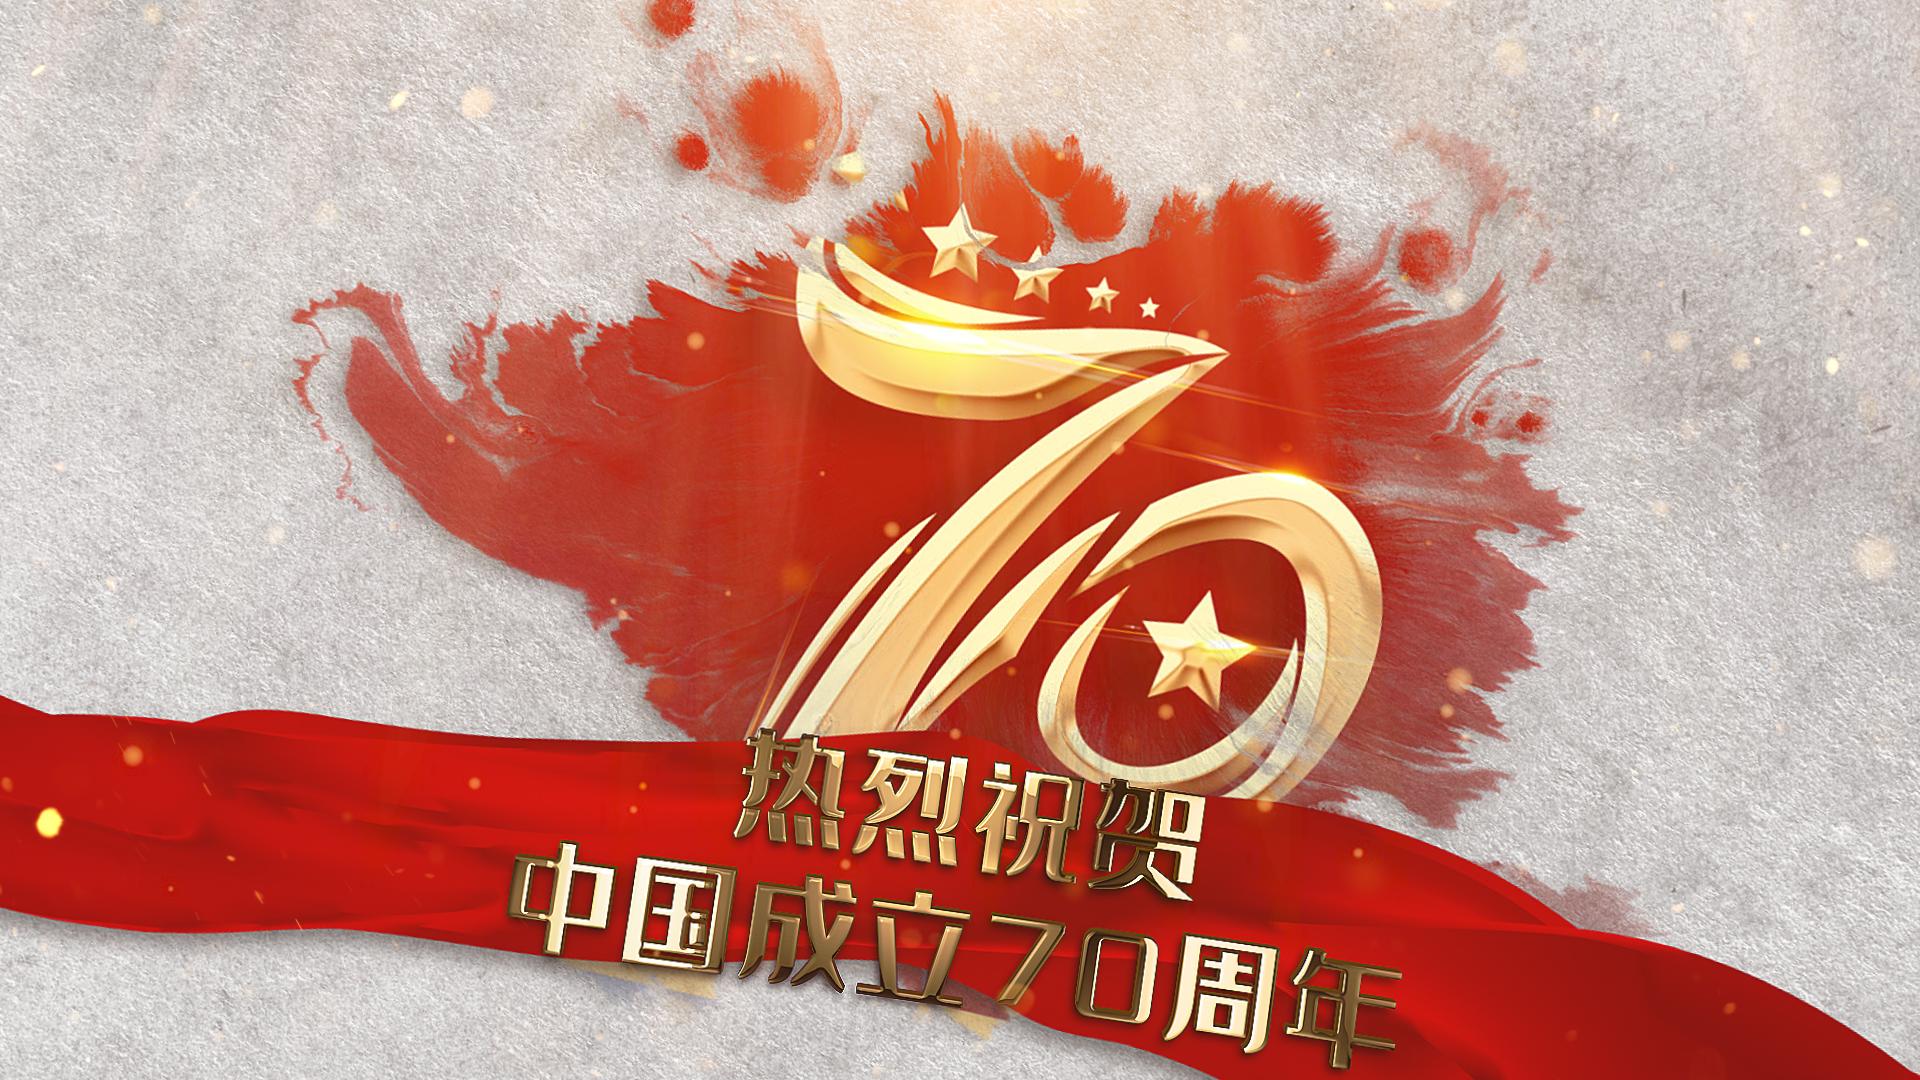 絲綢金色文字國慶新中國成立70周年圖文片頭